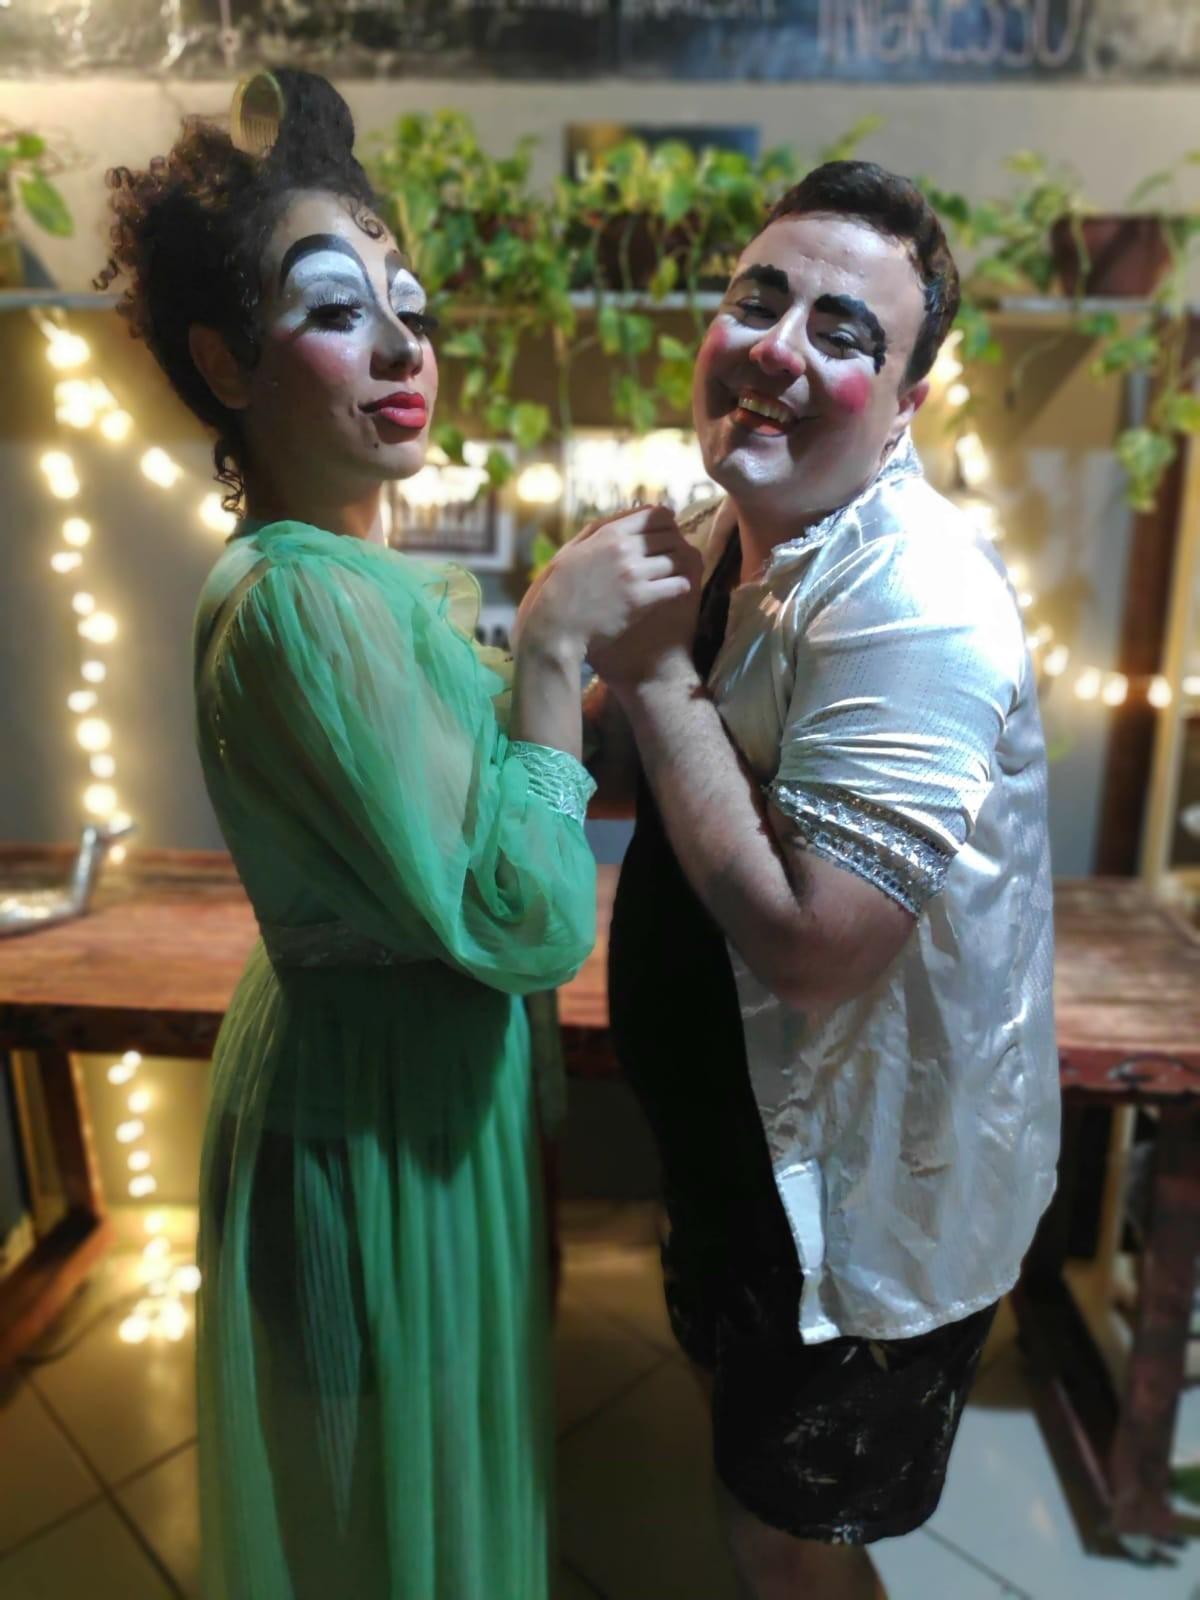 Teatro da Neura leva o espetáculo 'Nova Canaã' para o Espaço N de Arte e Cultura em Suzano  - Notícias - Plantão Diário